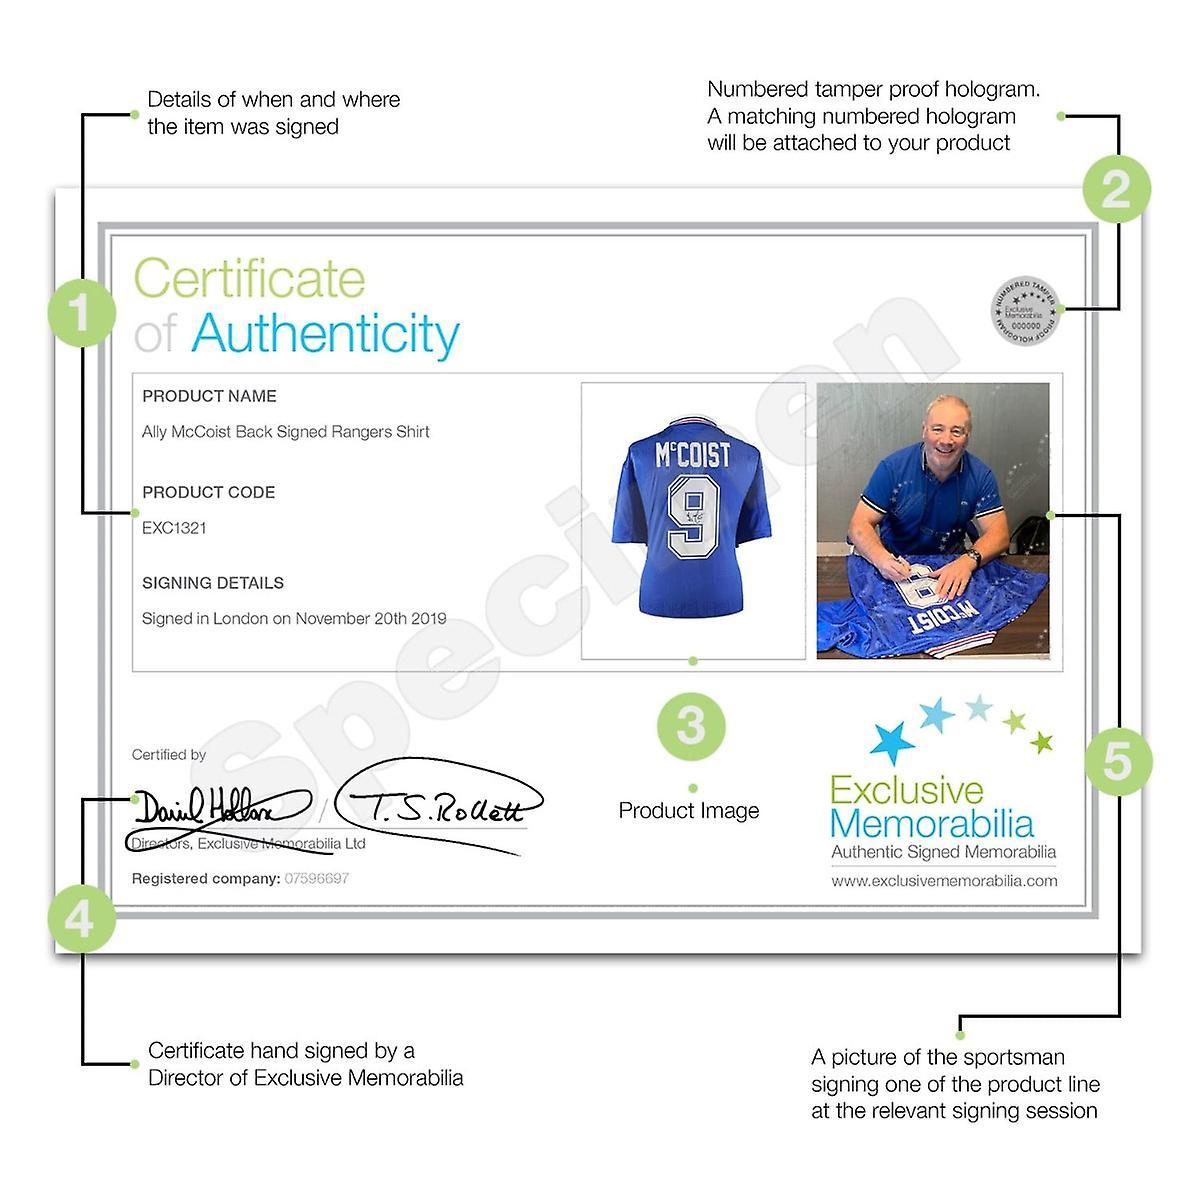 Ally McCoist Back Signed Rangers Shirt In Gift Box